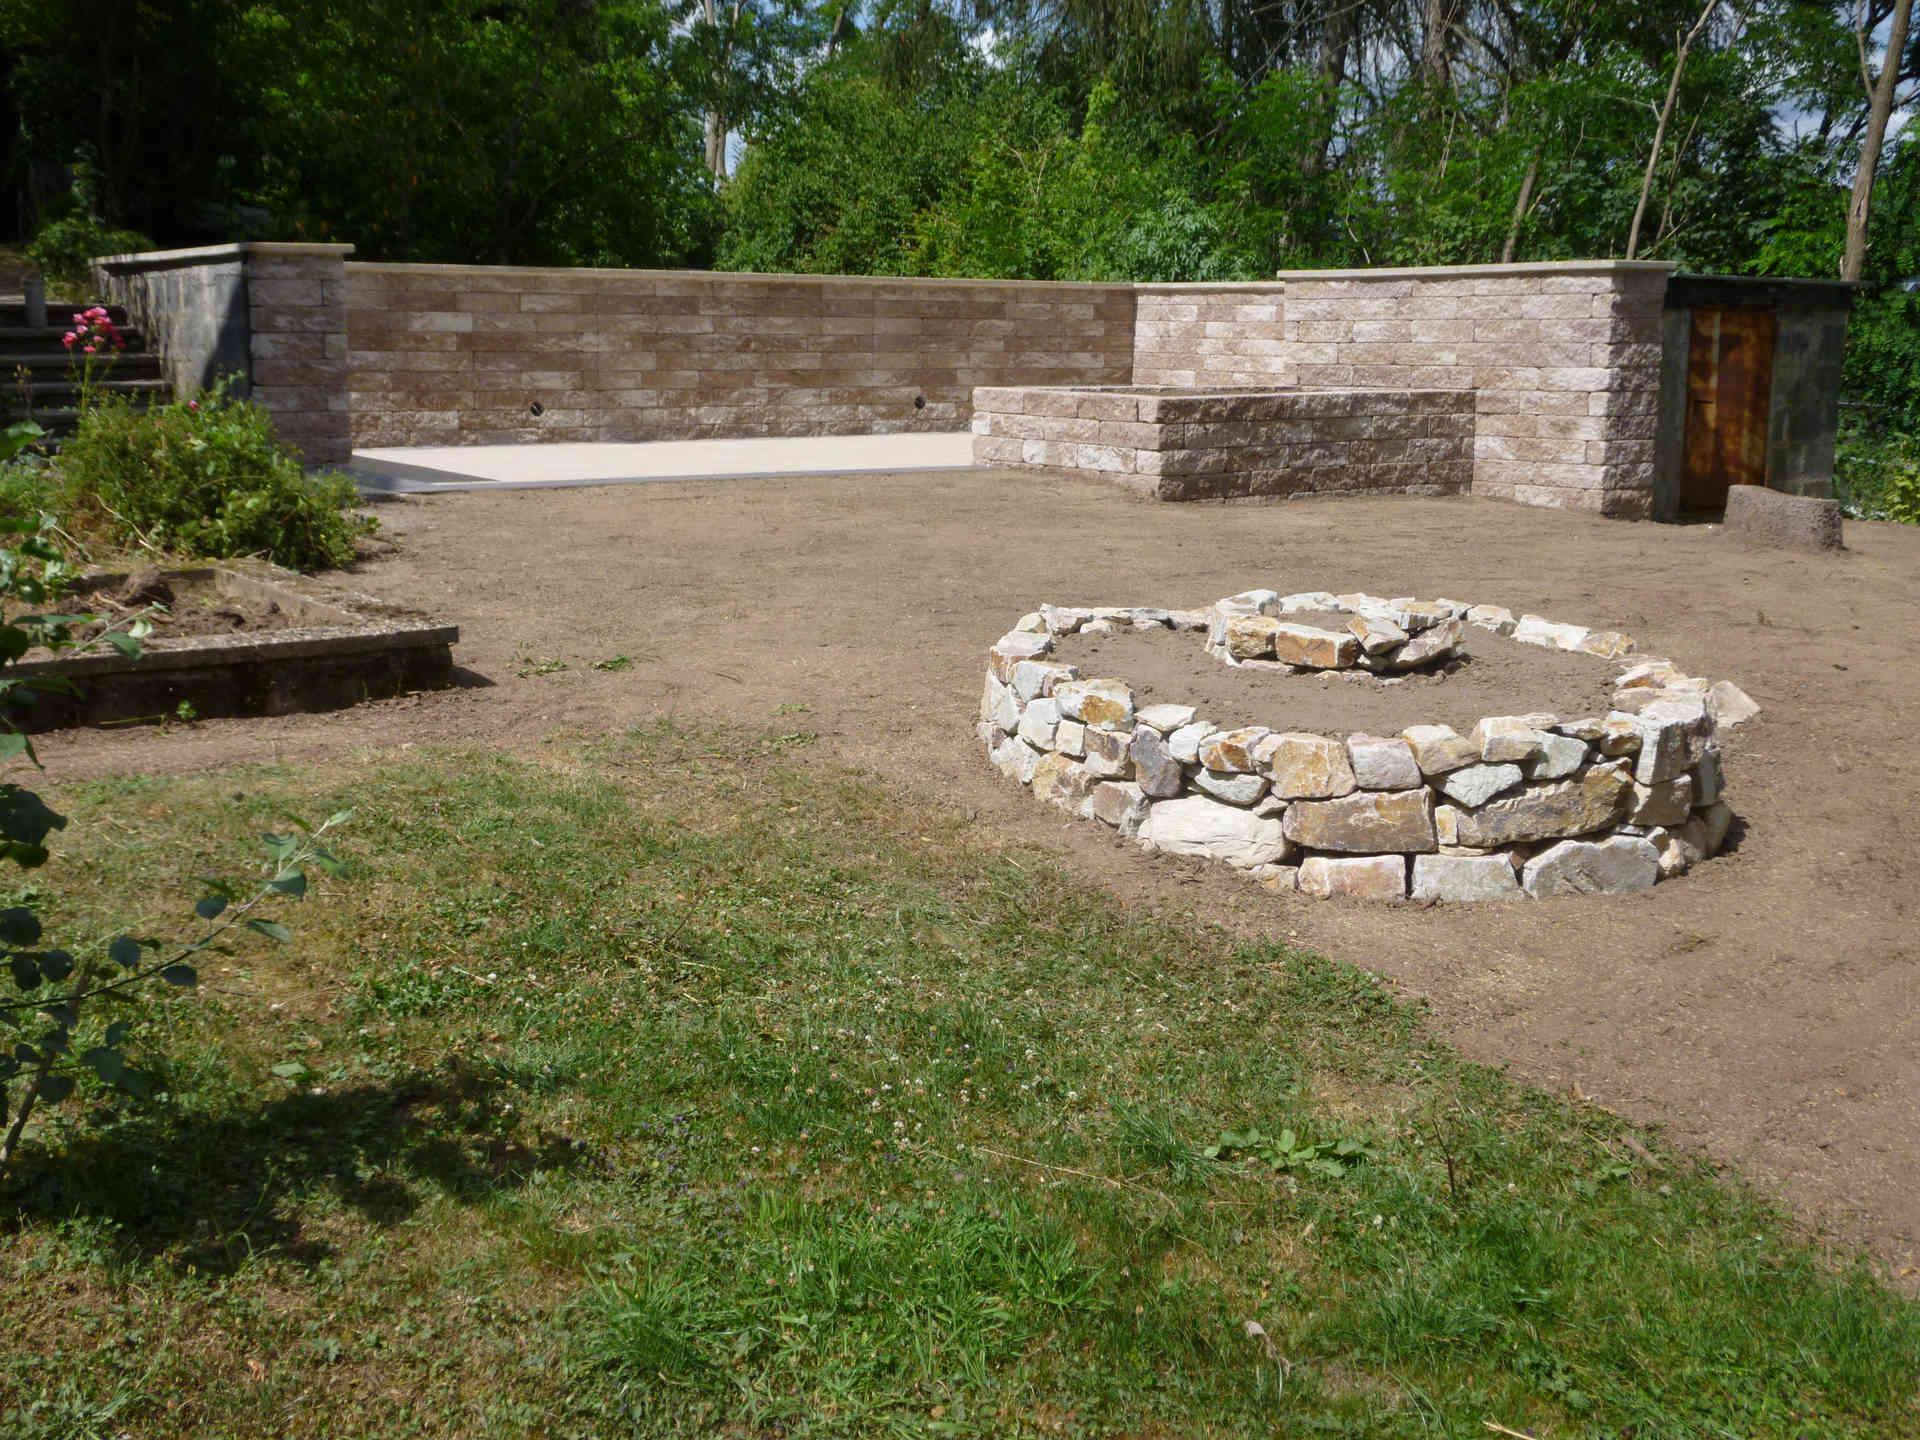 Gartengestaltung Mit Terrasse Und Kraeuterspirale